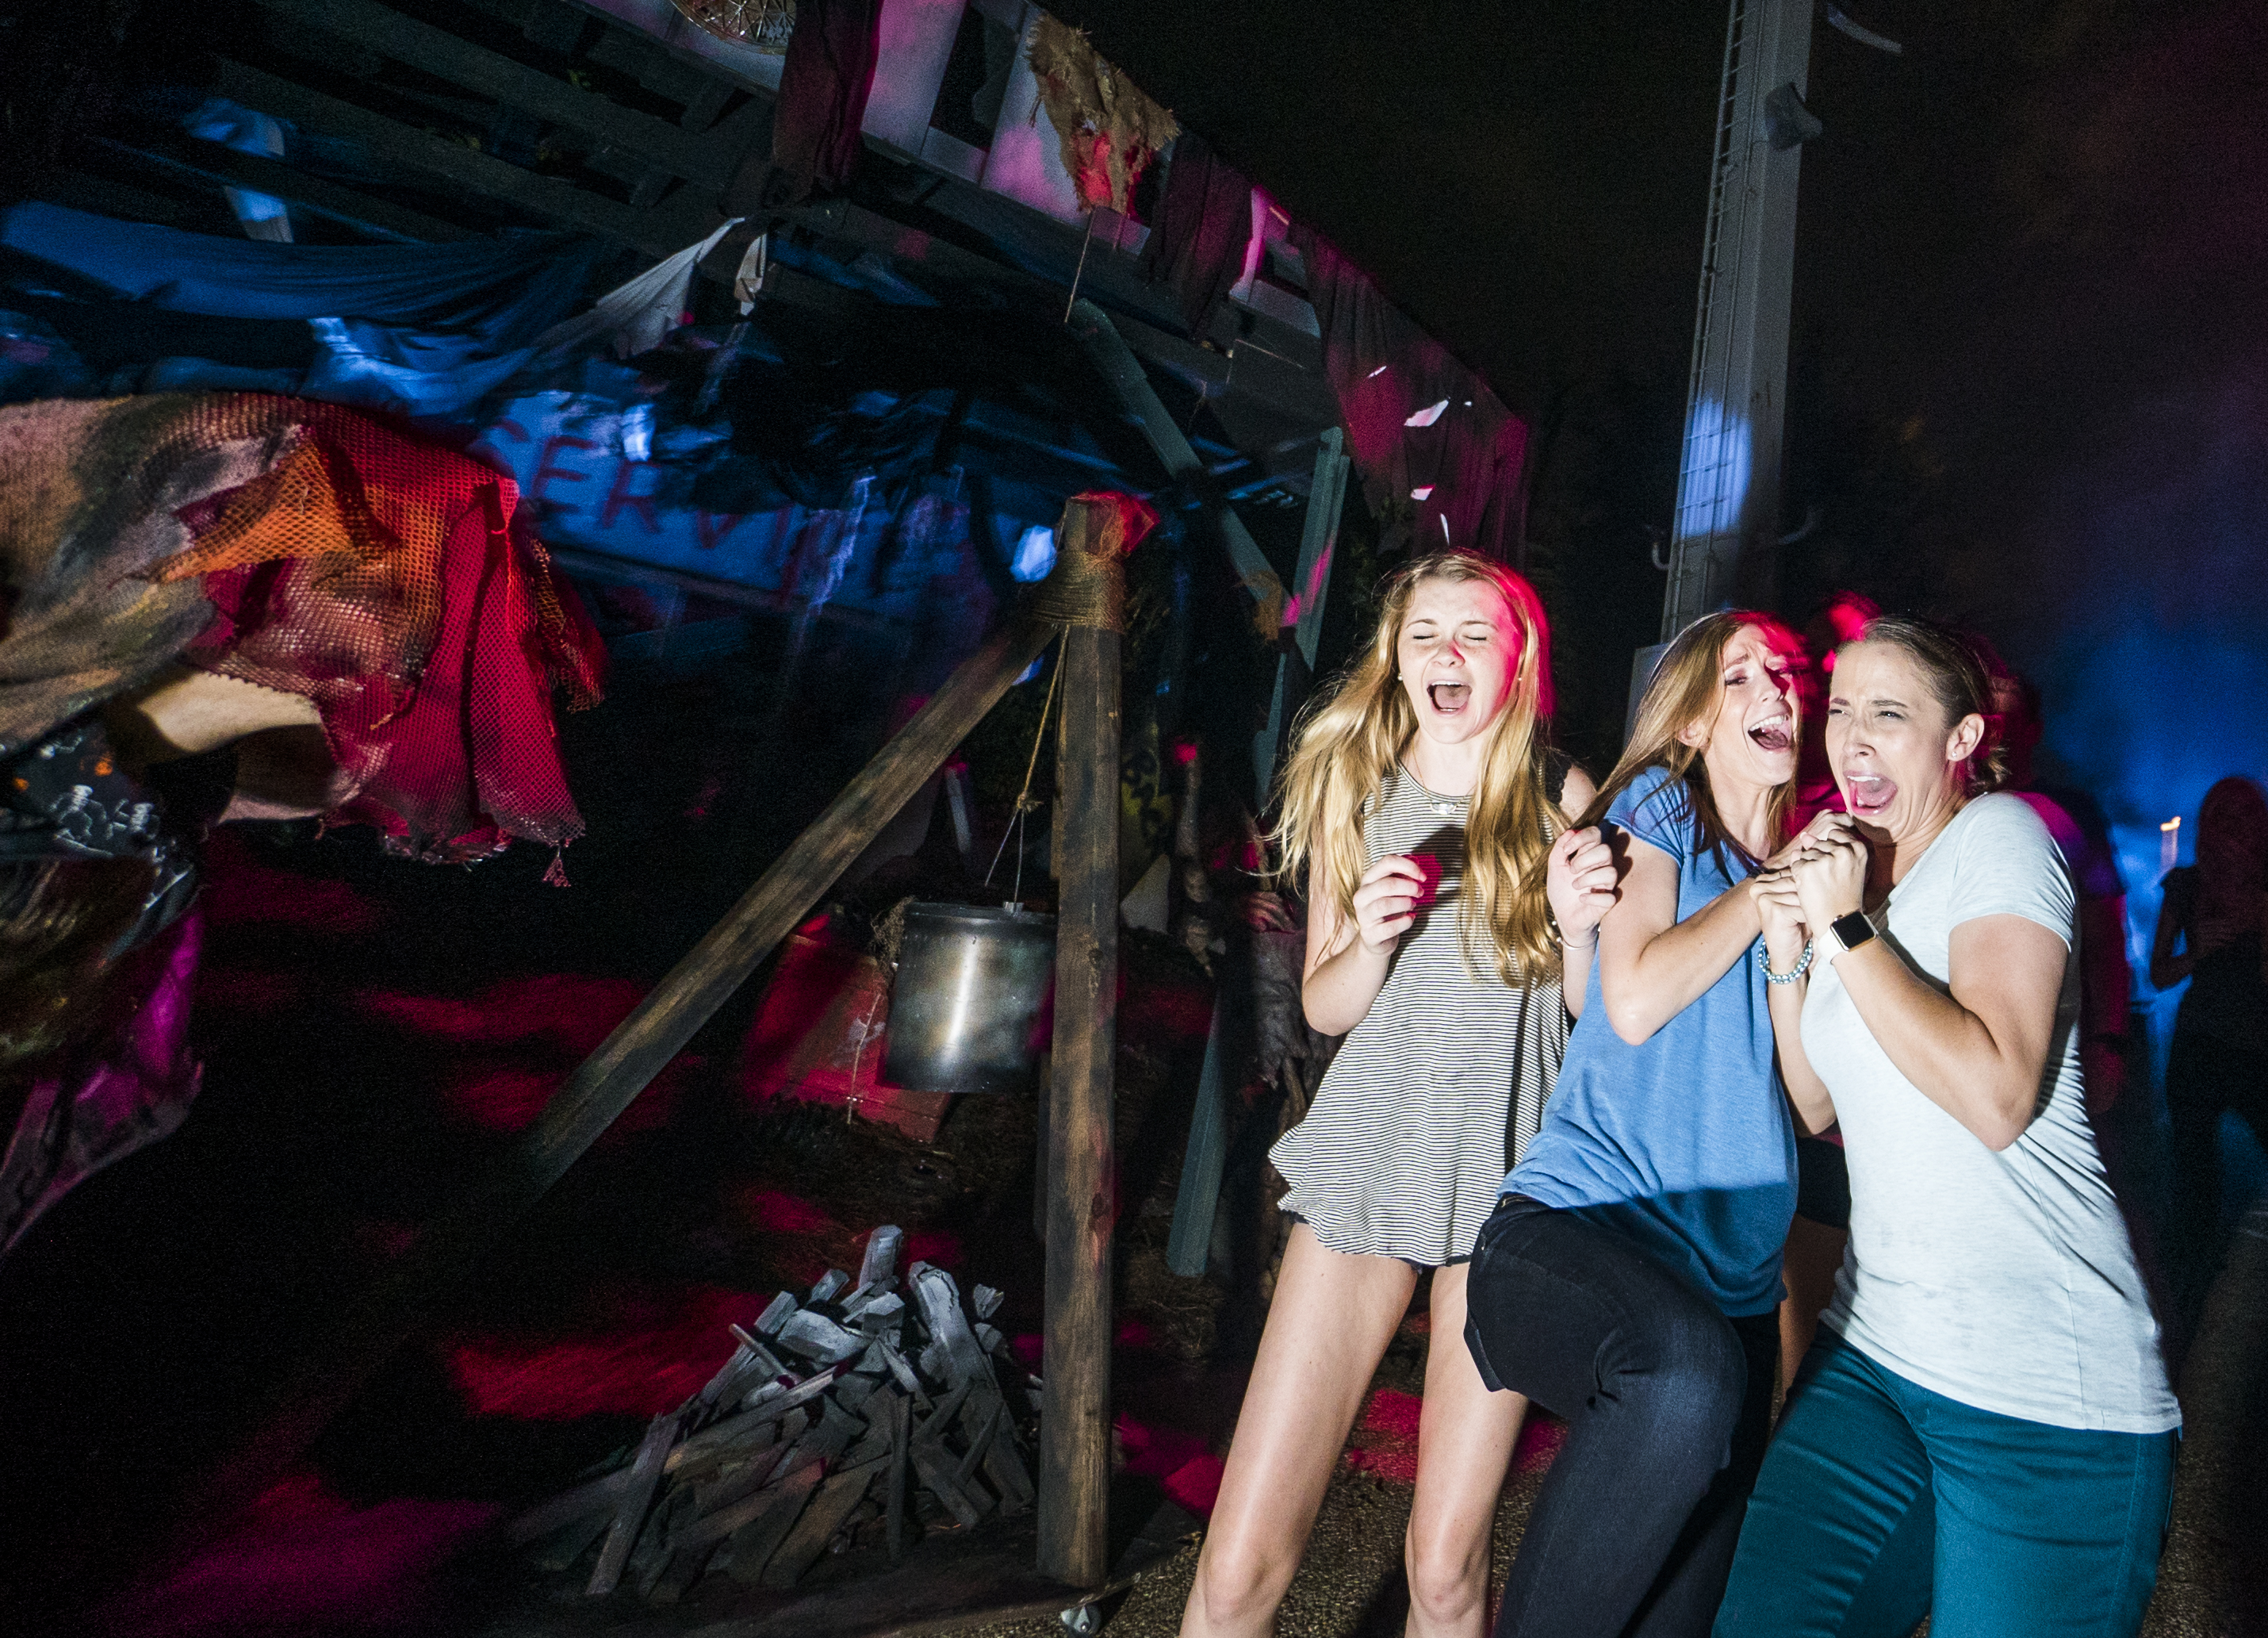 Foto da festa de Halloween do Busch Gardens em que três visitantes estão levando um susto de um personagem indistinto, com a cabeça coberta por um pano.